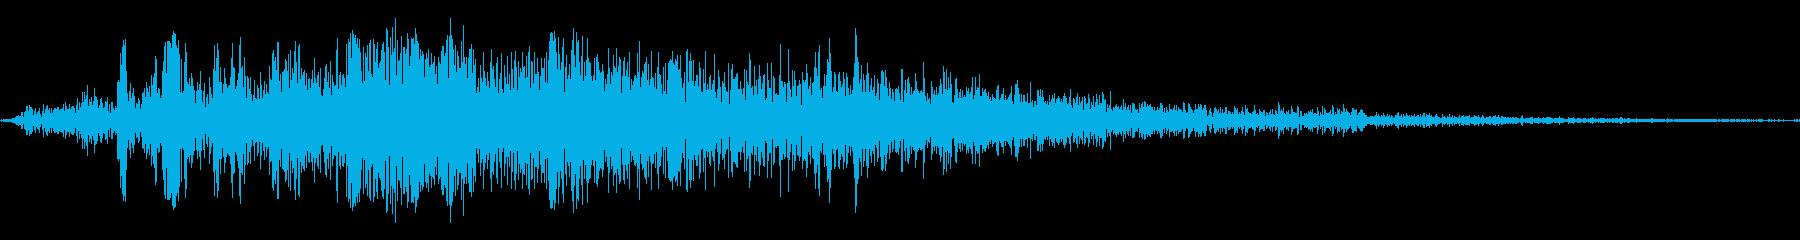 一本締めの再生済みの波形